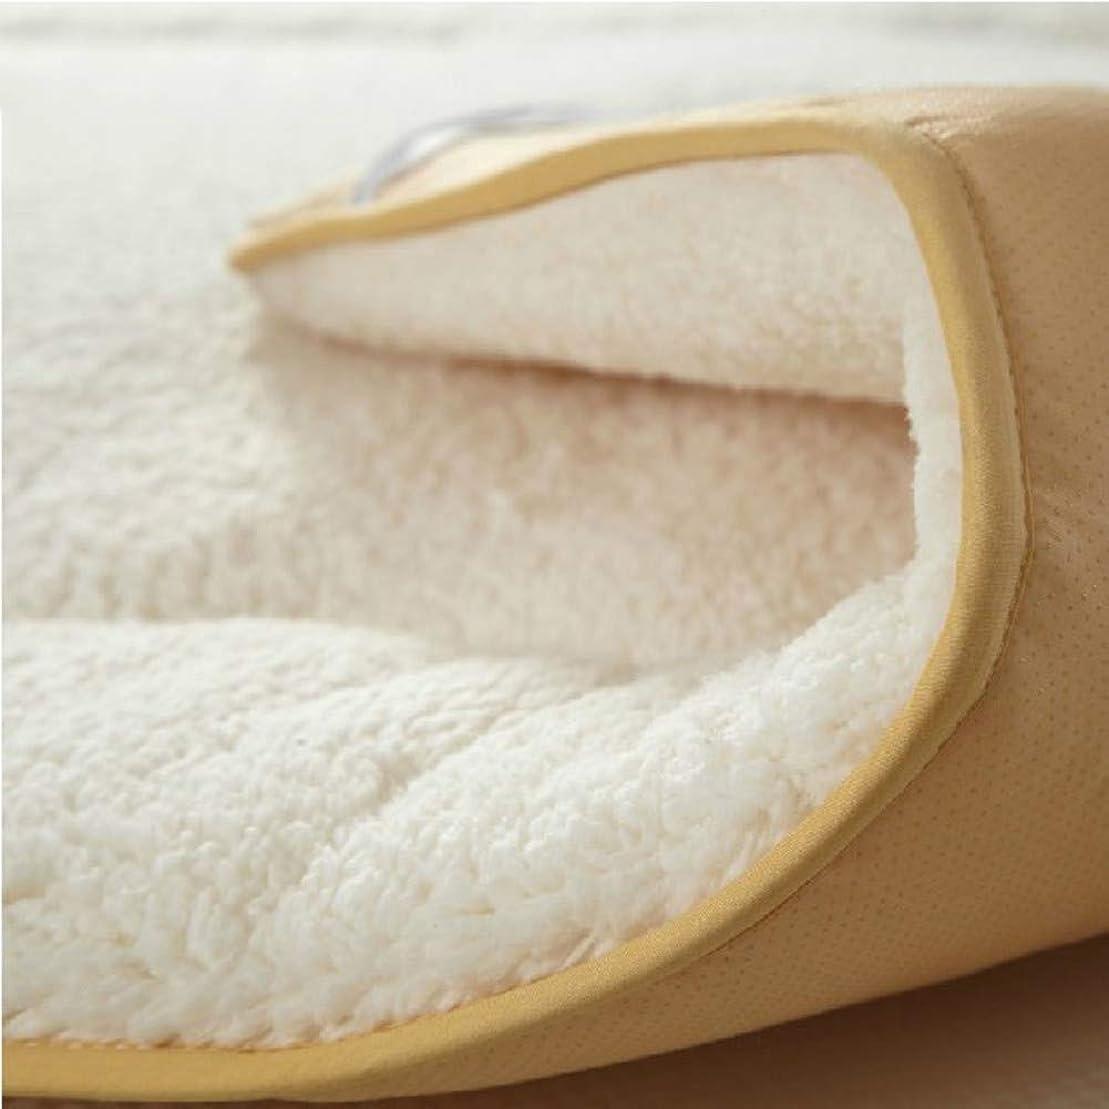 領収書仕出します費用厚い 暖かい マットレス,折り畳み式 ソフト ベットマットレス 畳マット スリップ 寝 畳床 伝統的です シングルまたはダブル マットレス パッド-a 1.35*2m(4.5inch)